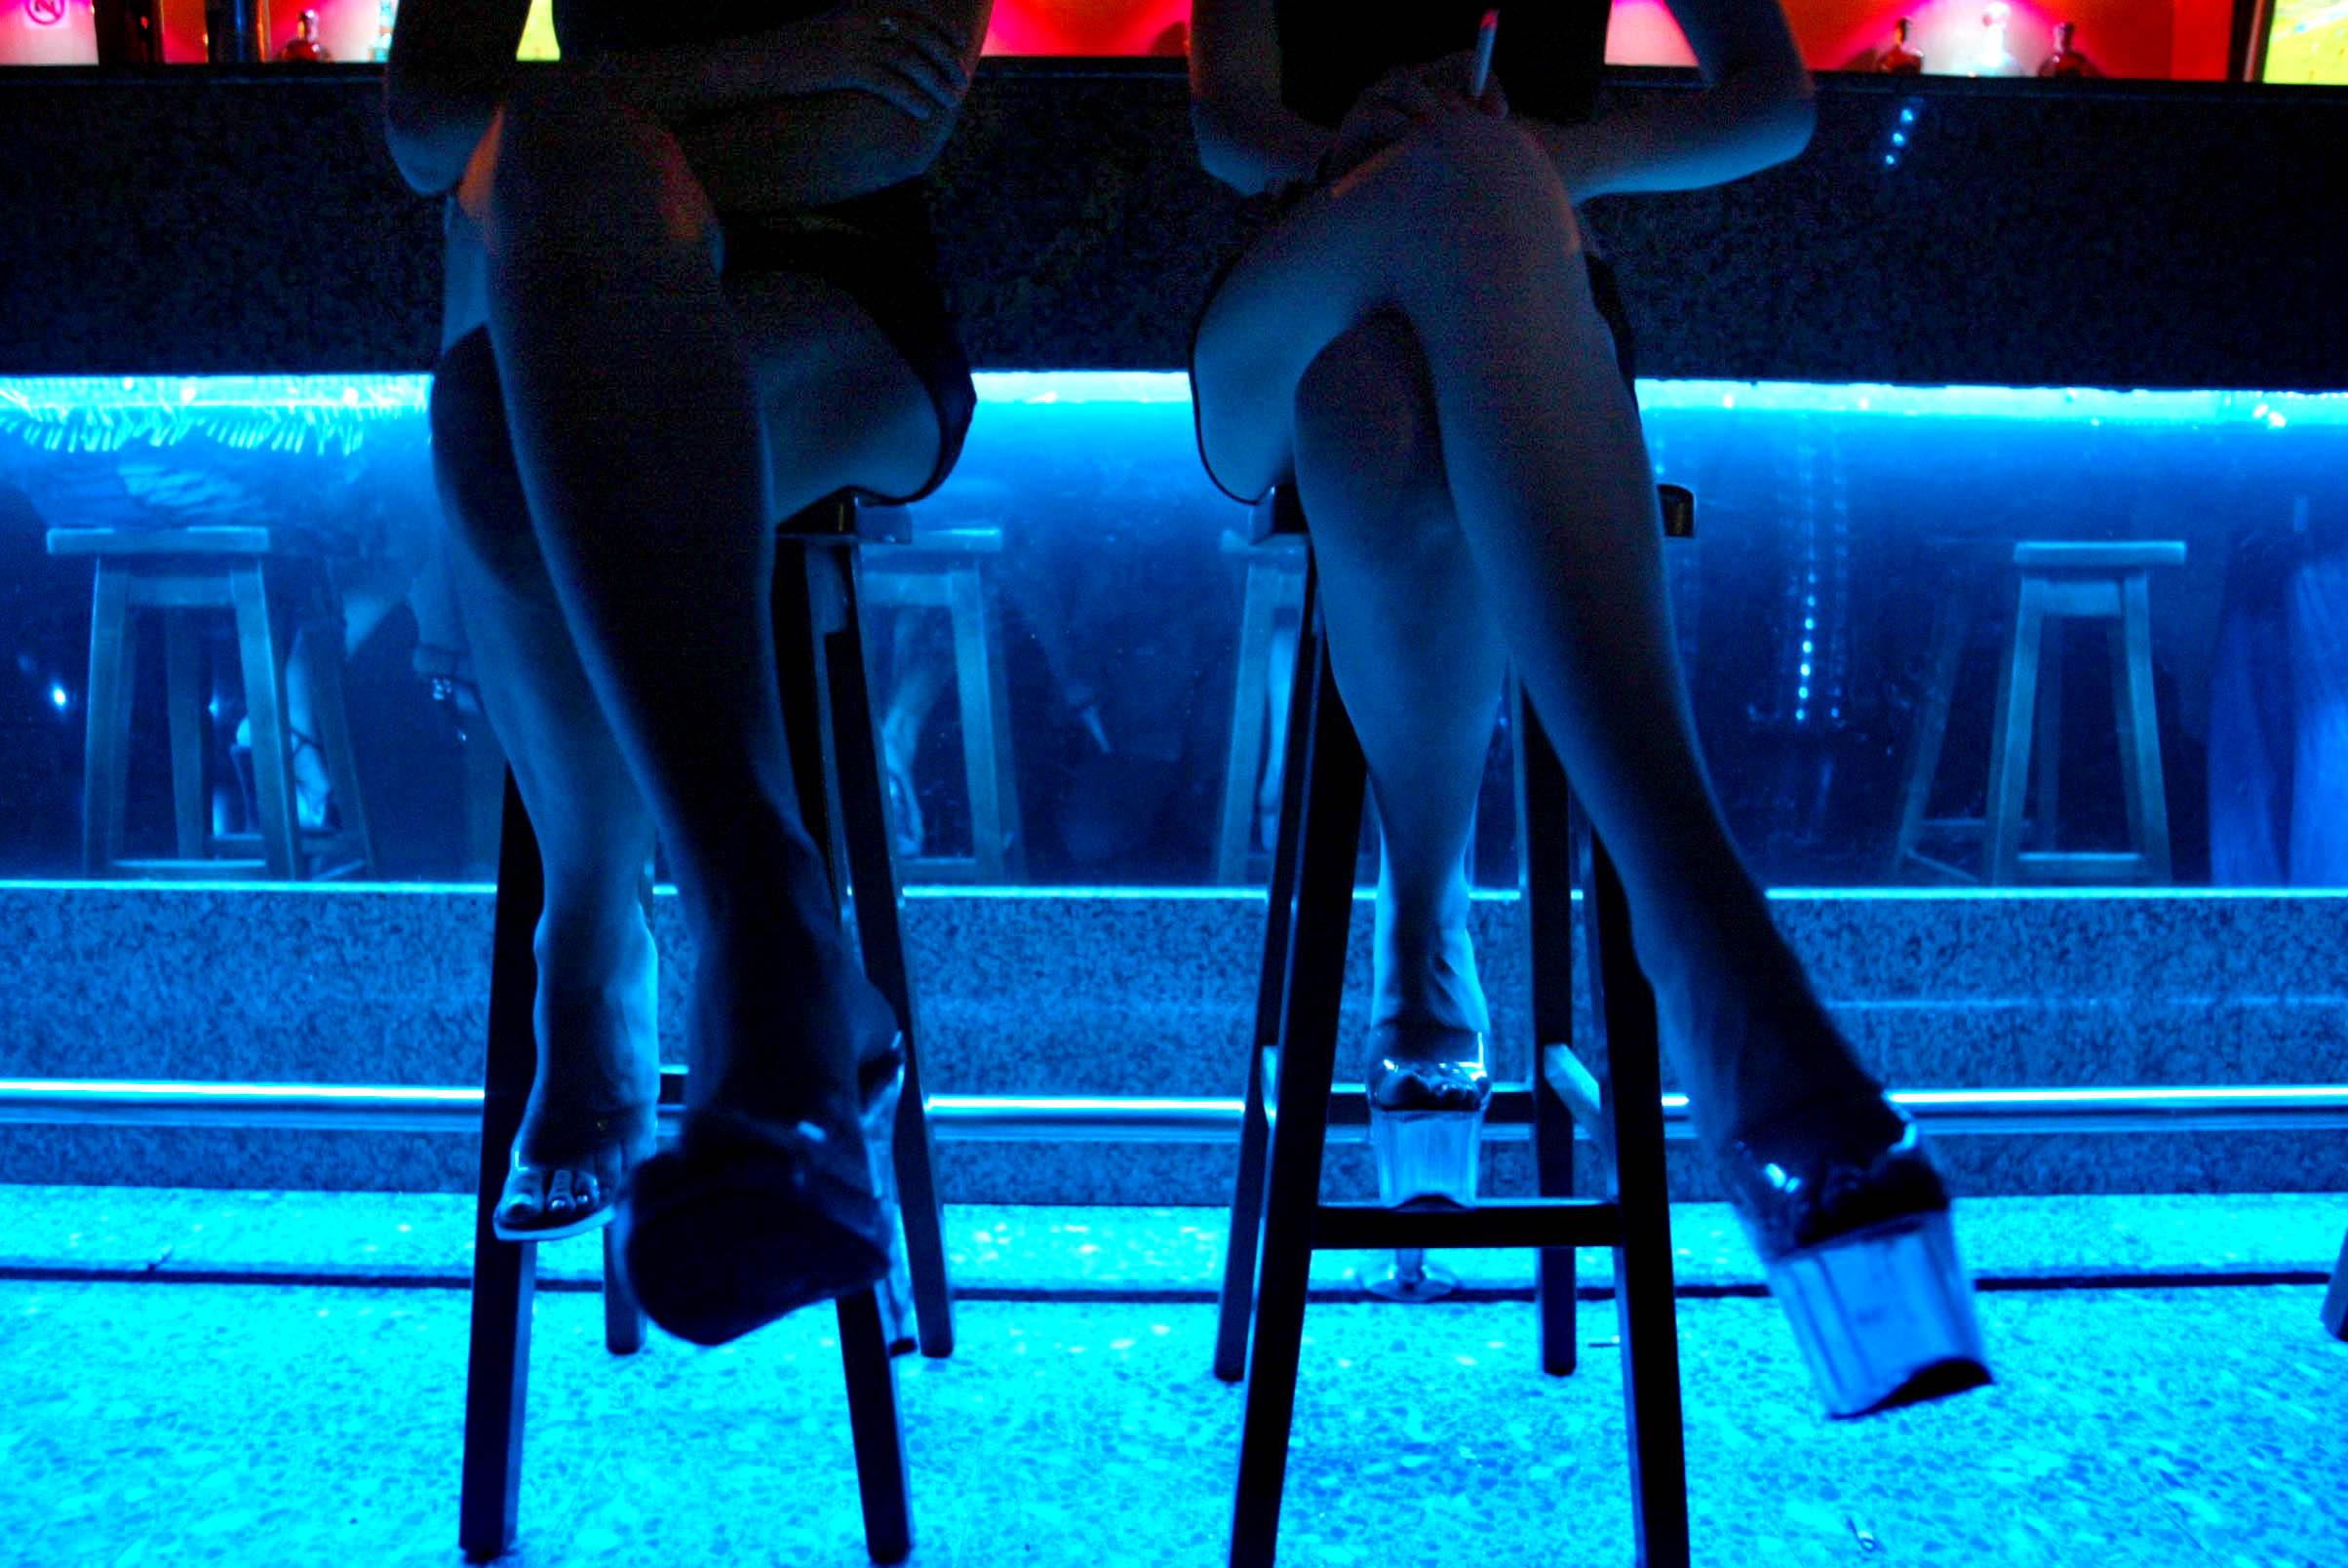 nunero de putas Club nocturno